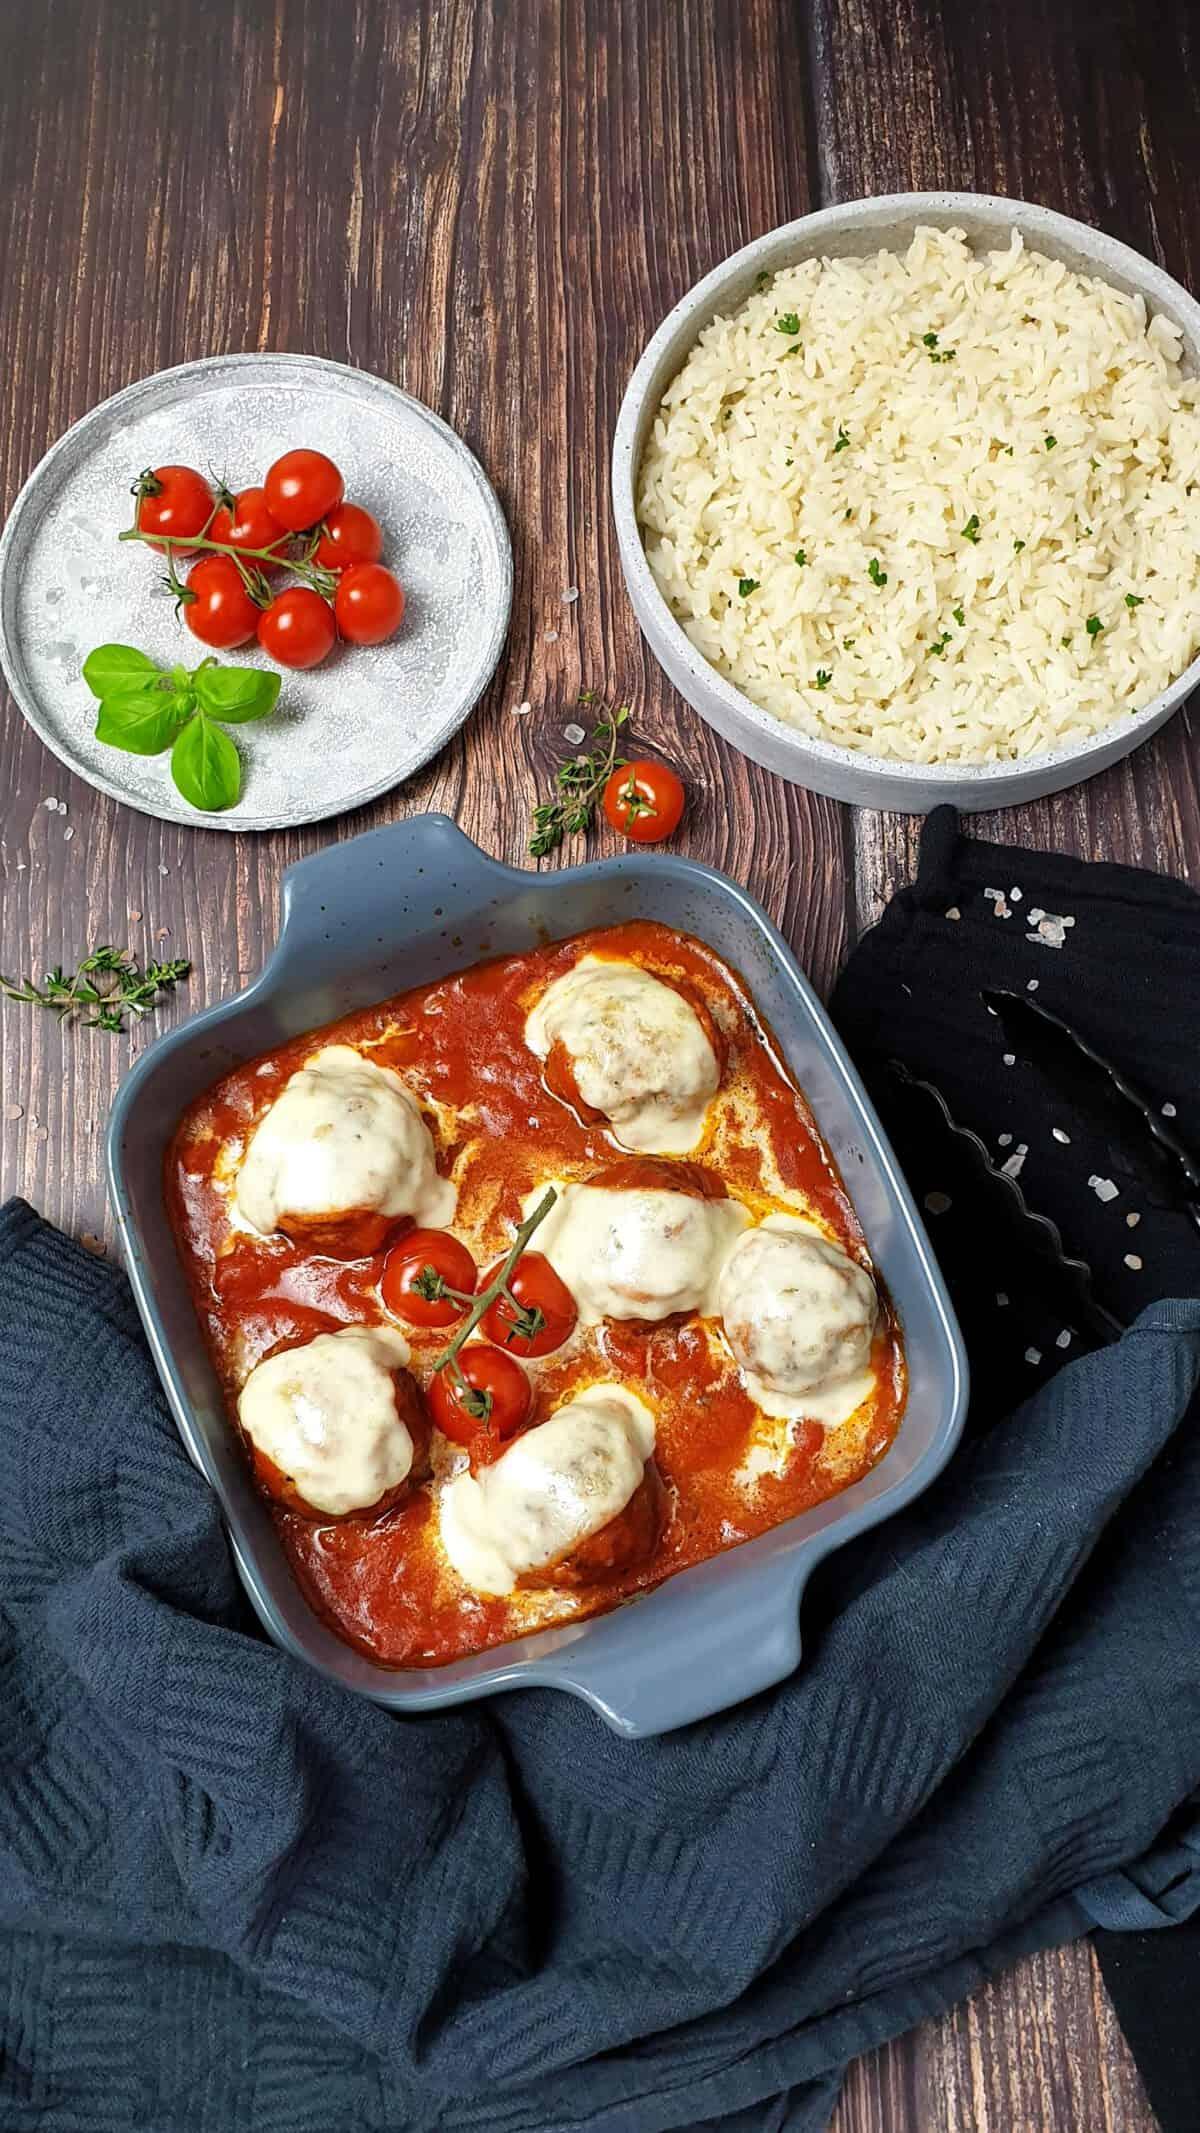 In einer grauen Auflaufform Hackfleischbällchen mit Mozzarella überbacken. Daneben eine Schale mit Reis sowie ein Teller mit Tomaten und Basilikum zur Deko.